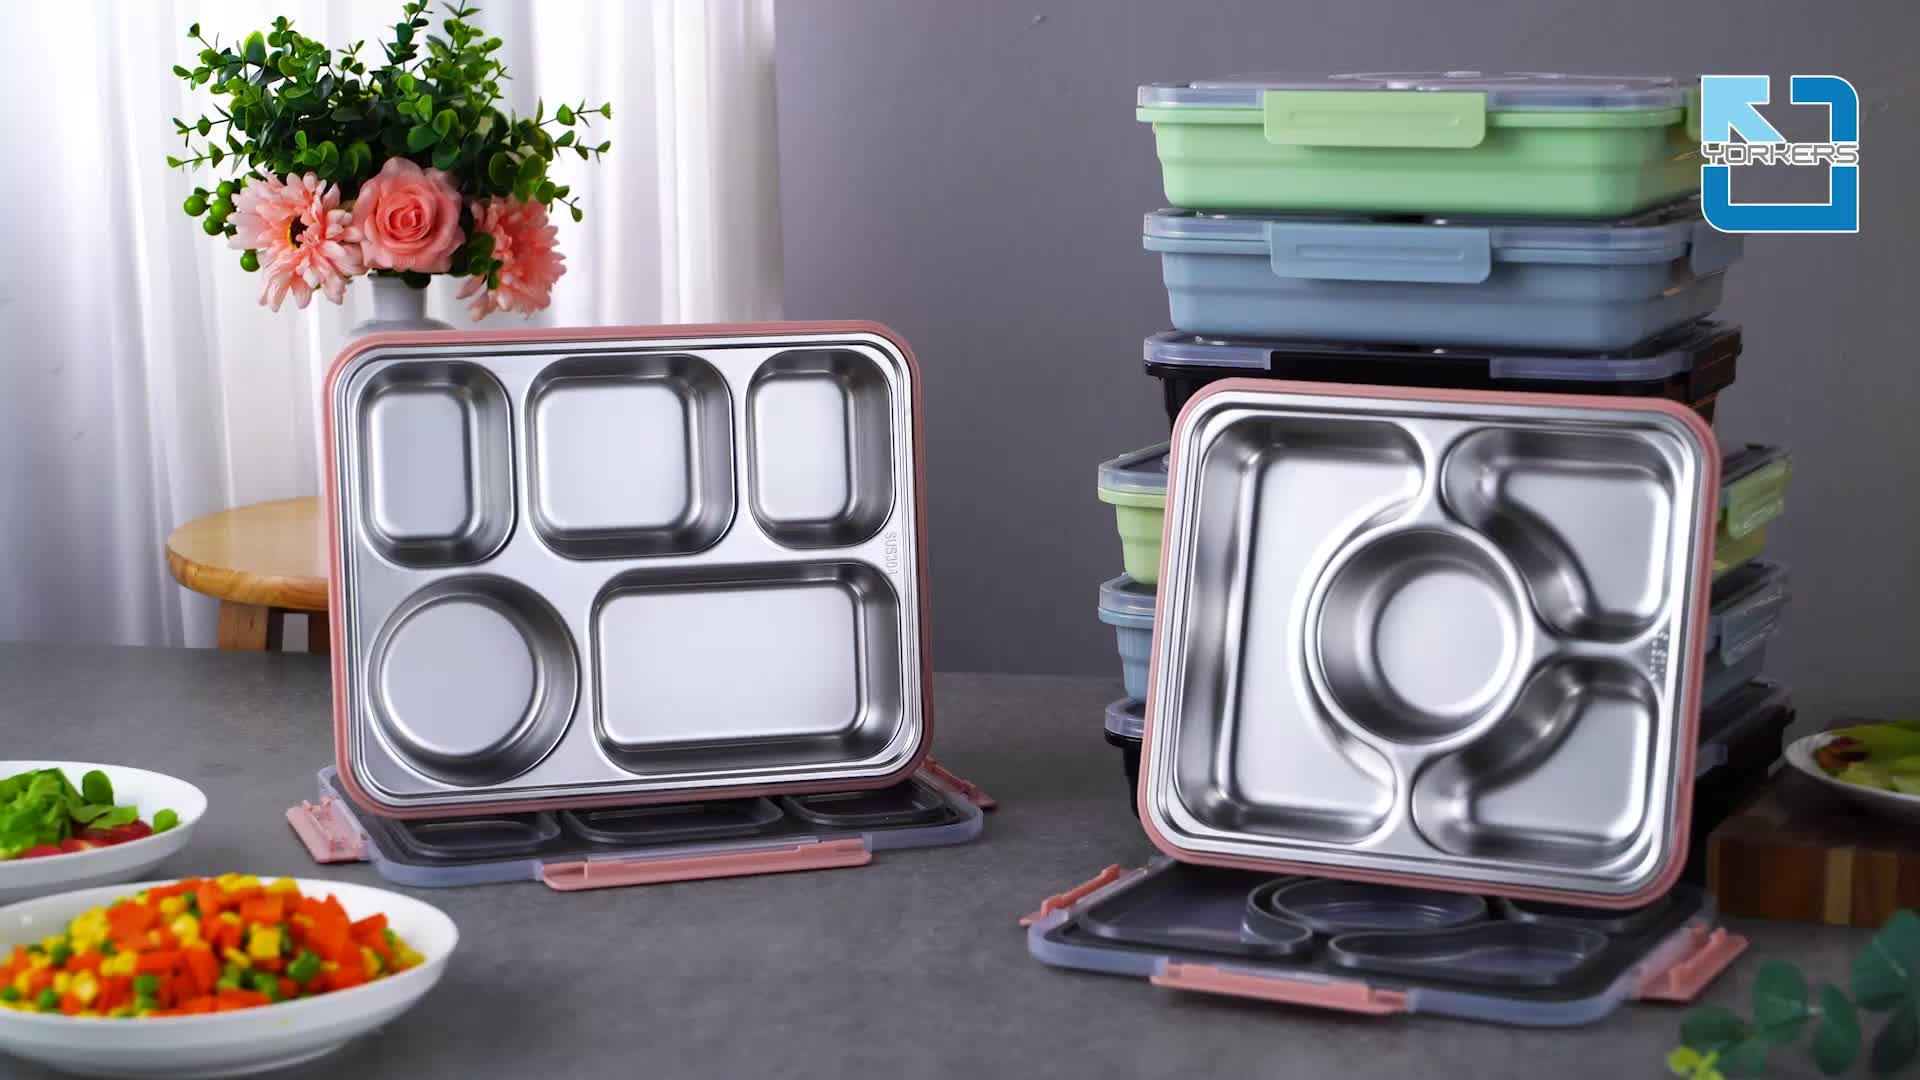 पर्यावरण के अनुकूल Leakproof भोजन प्रस्तुत करने का धातु टिफिन Bento स्टेनलेस स्टील 5 डिब्बे दोपहर के भोजन के बॉक्स